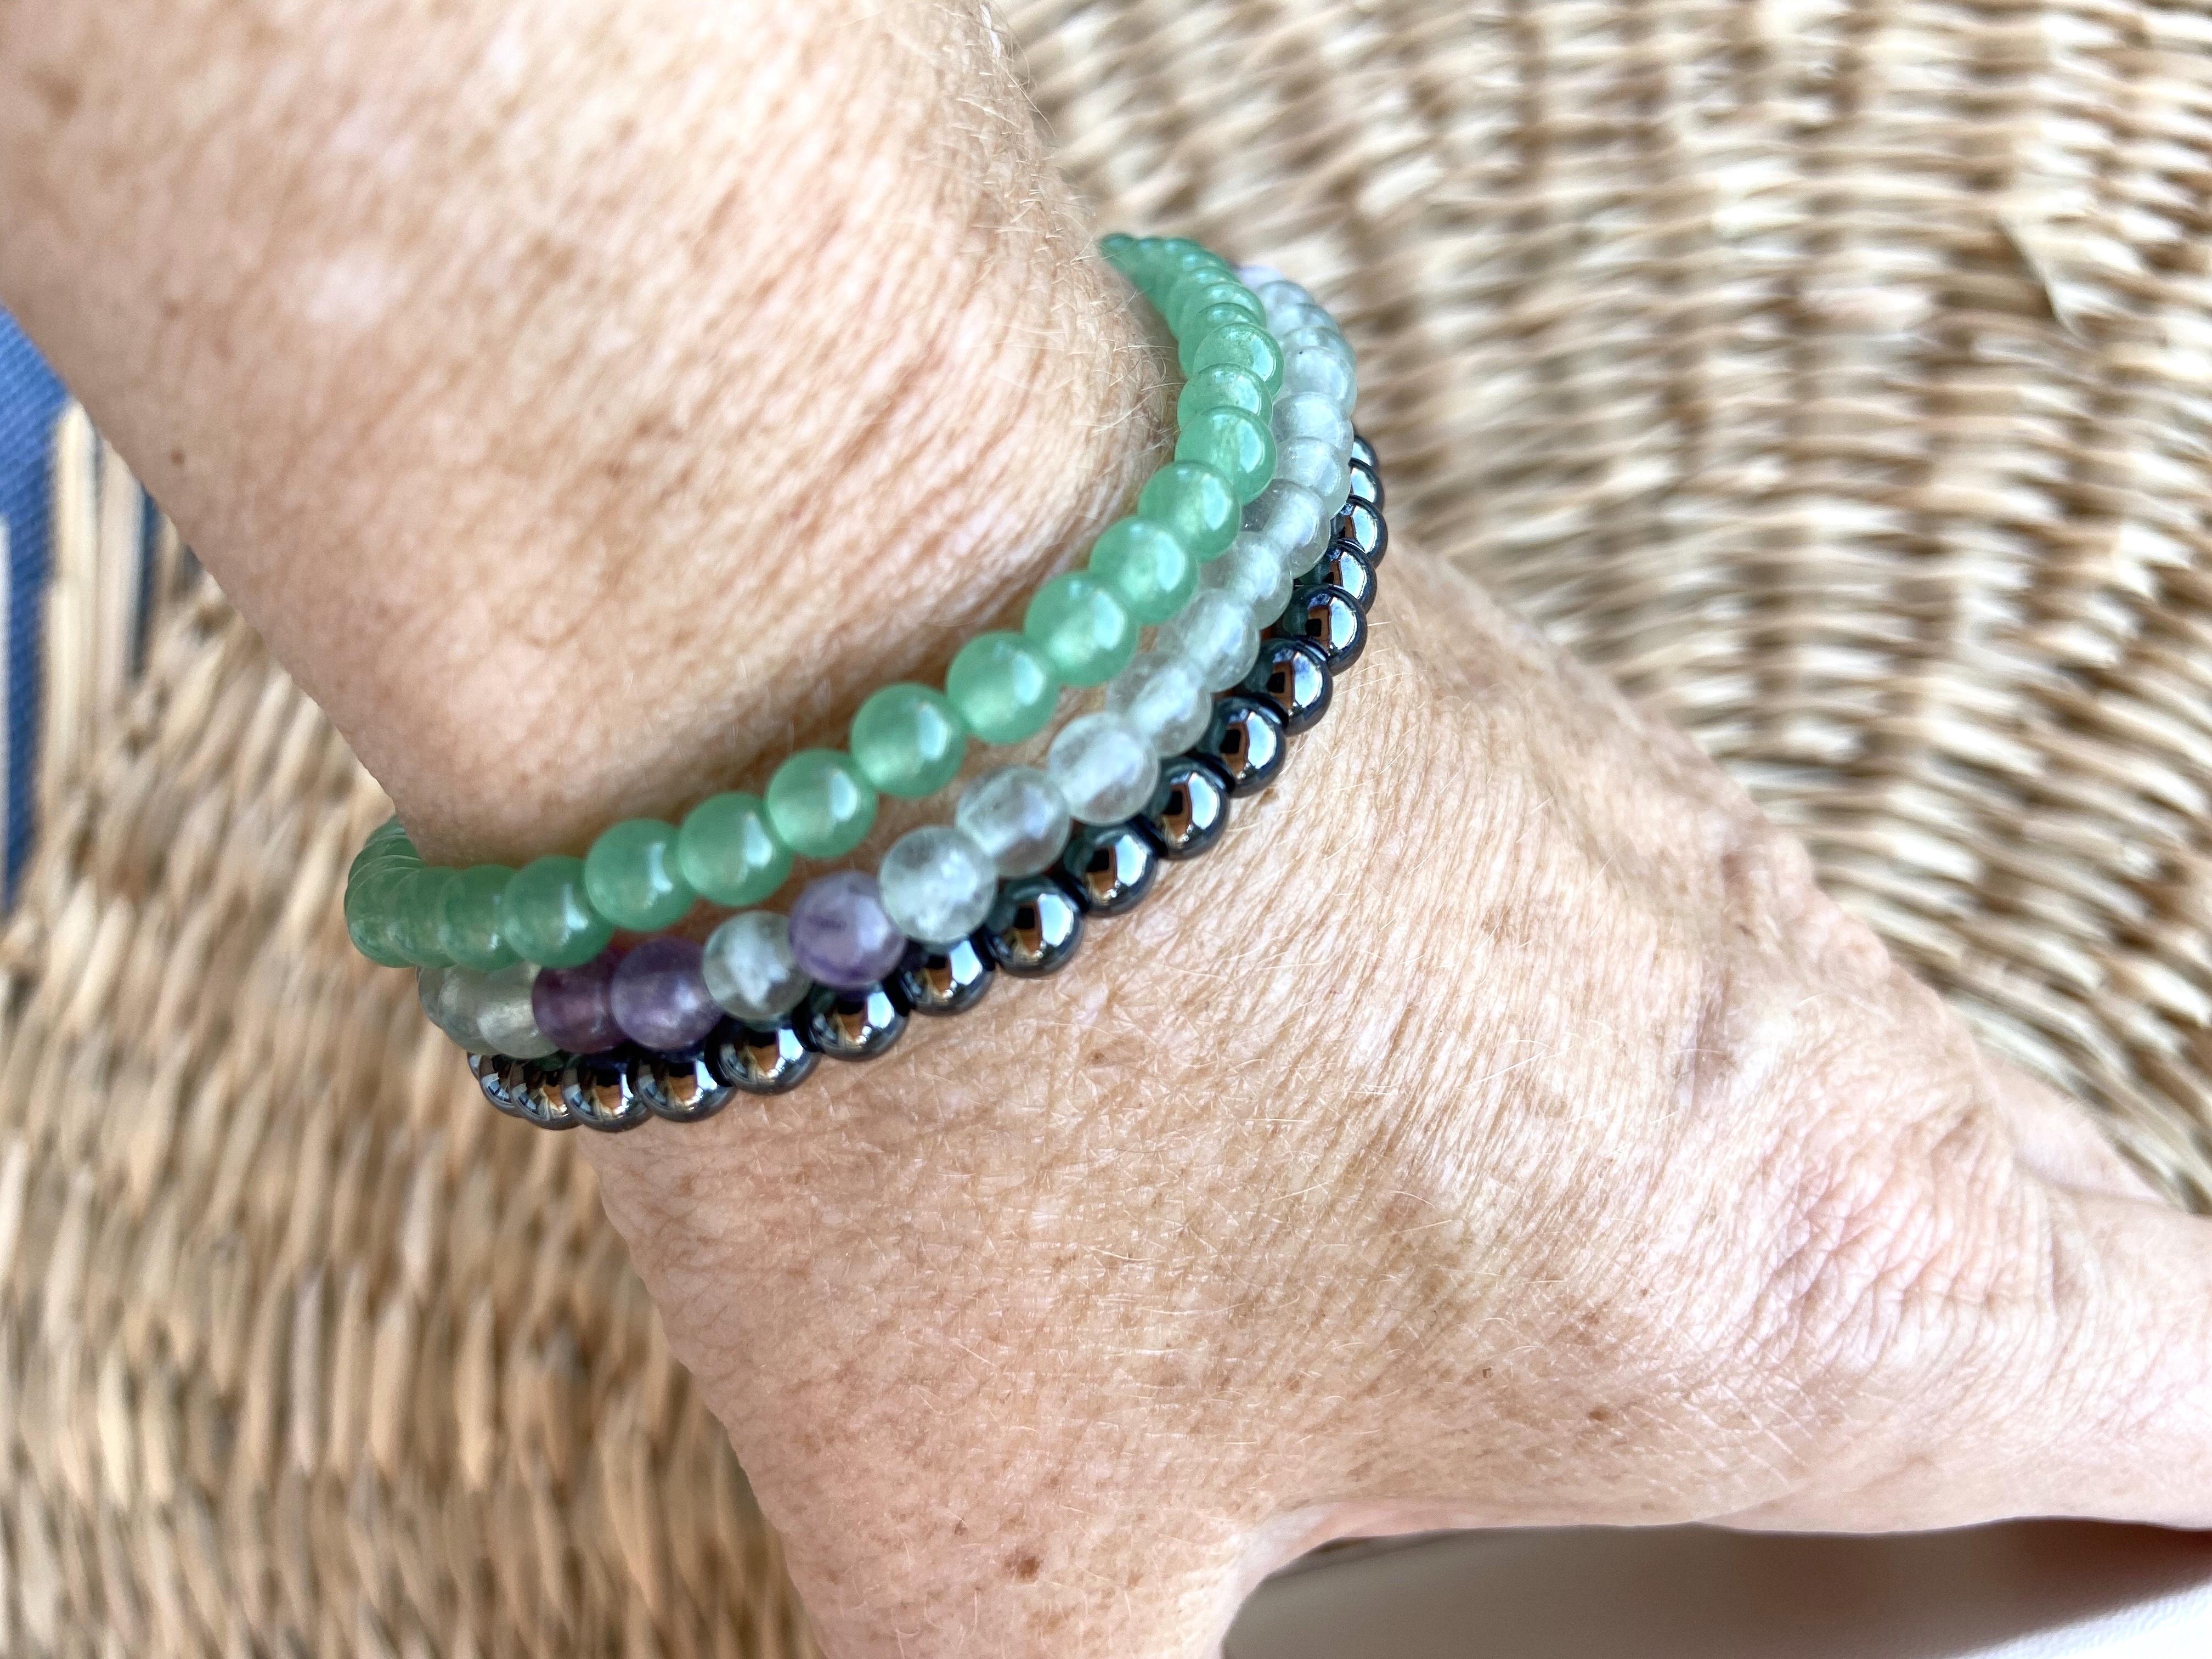 karma-yoga-shop-bijou-holistique-gemme-pierre-bracelet-abondance